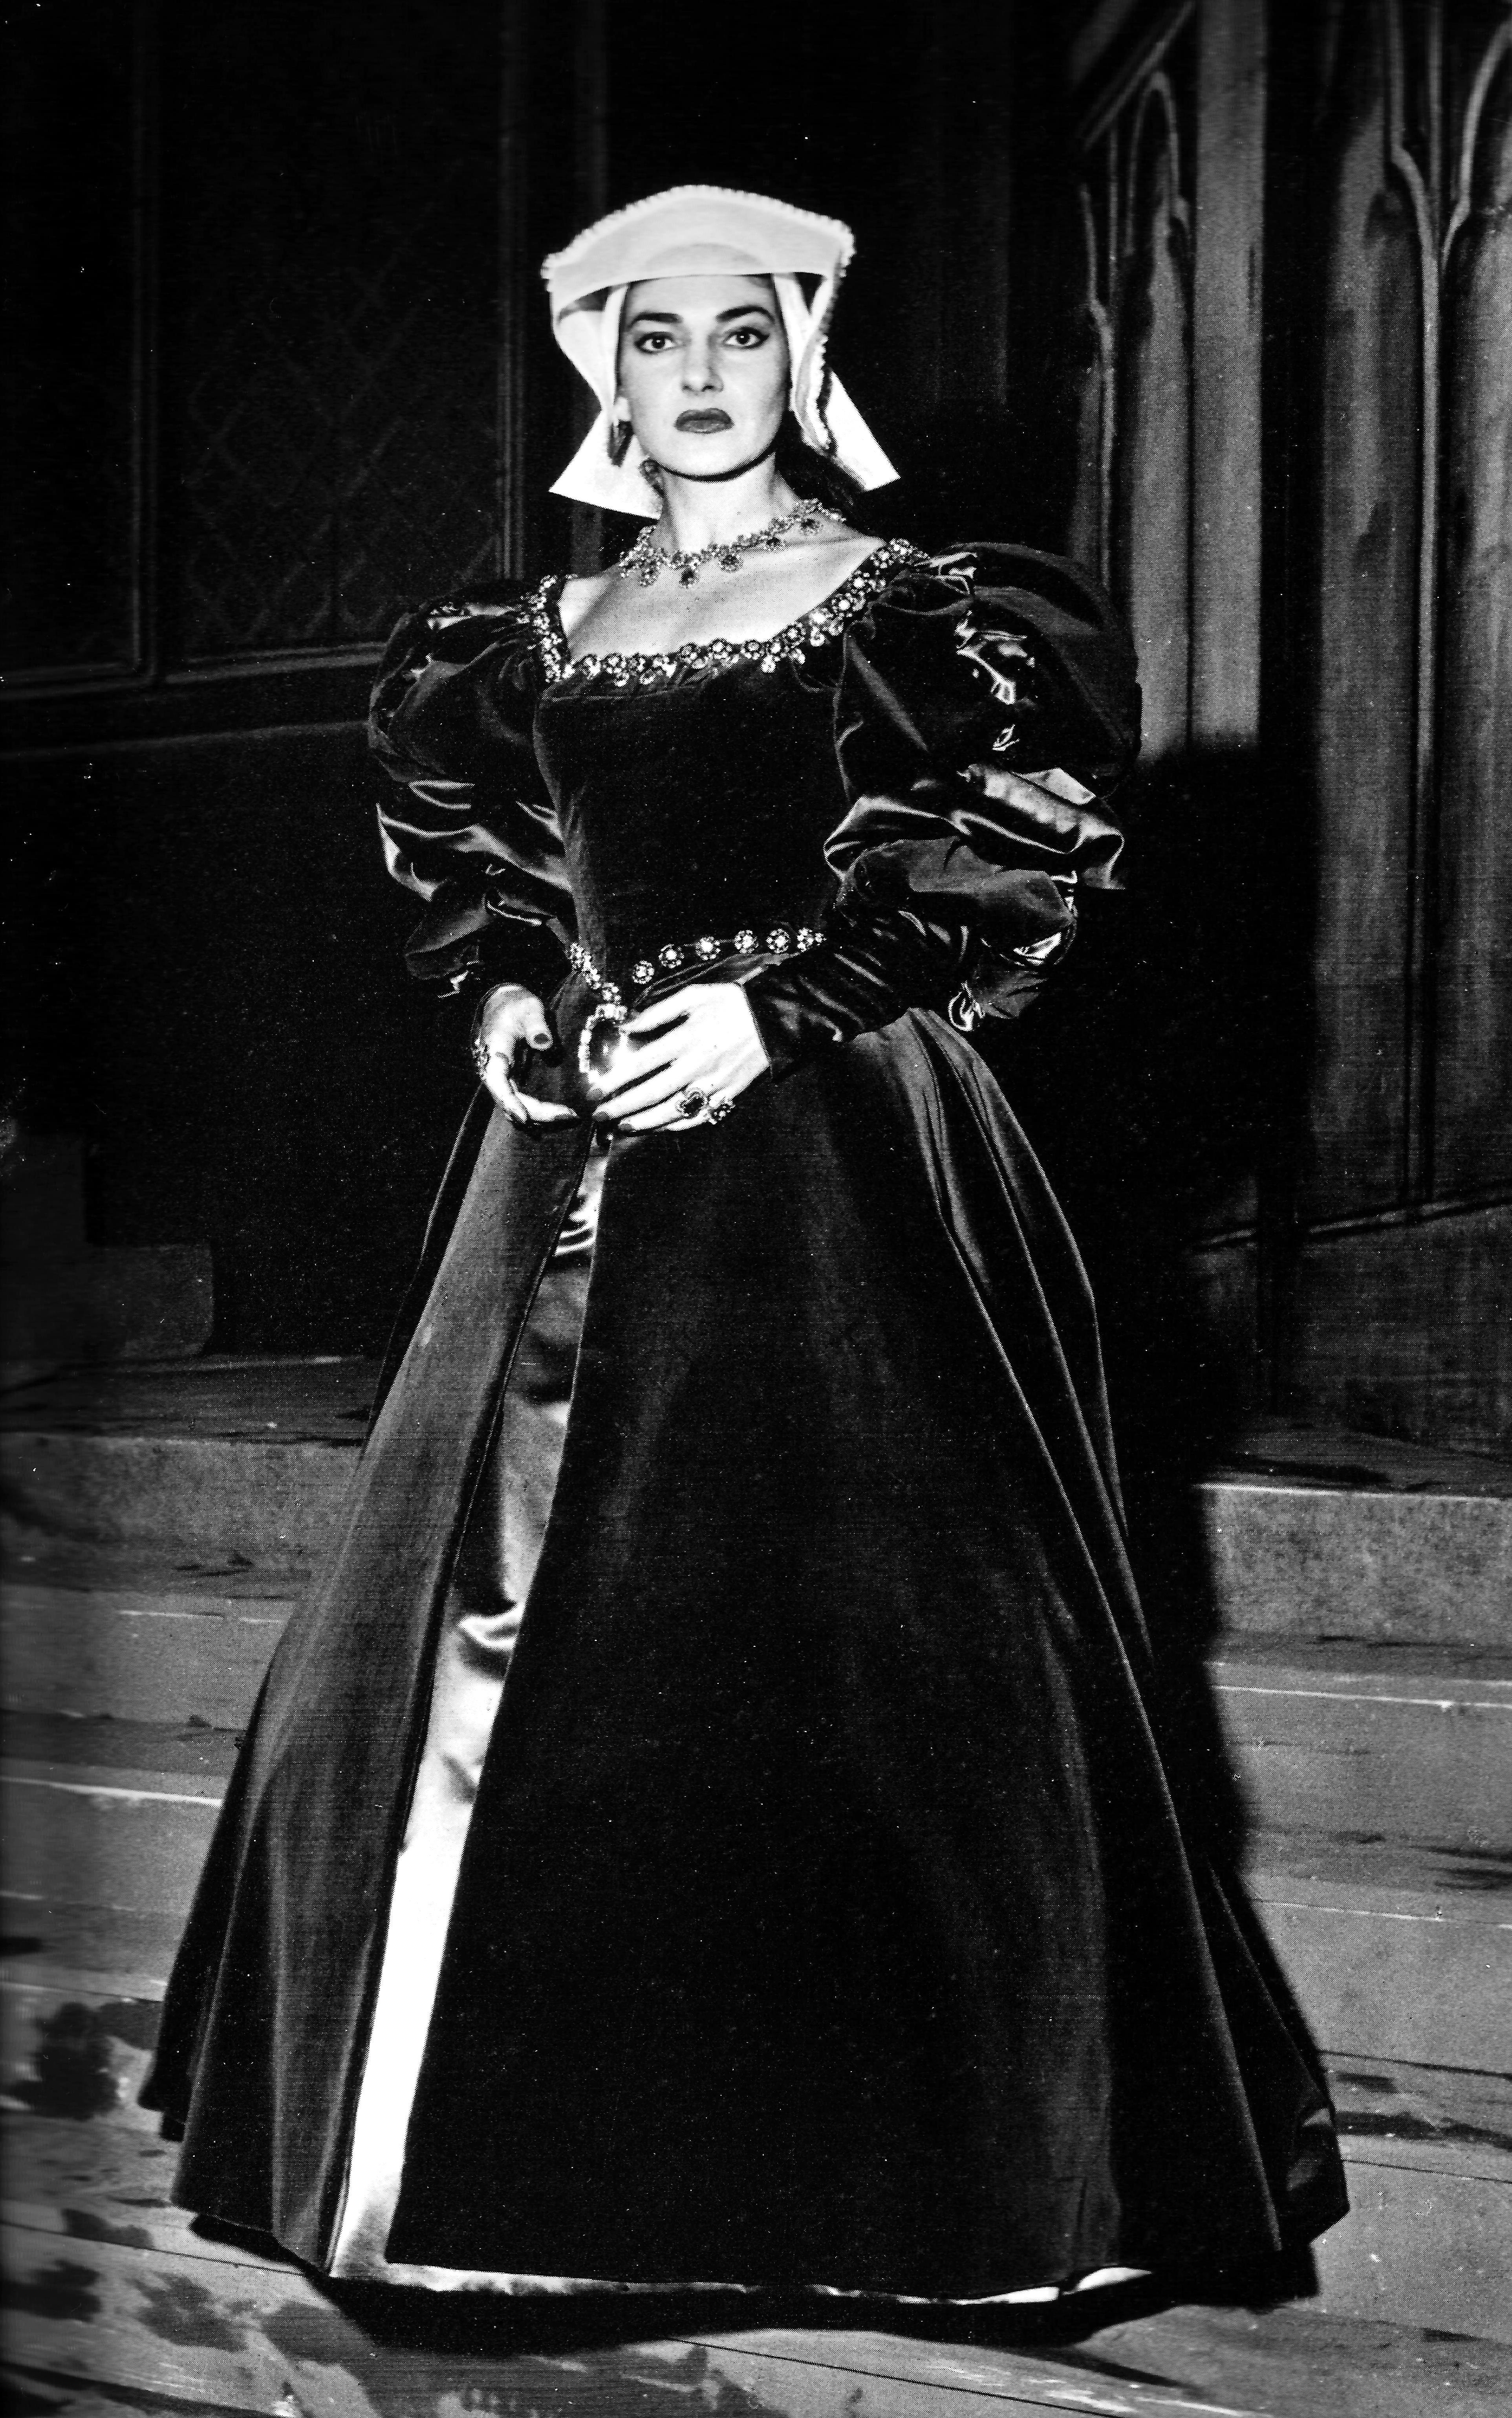 Nostalgia della Callas a Milano? Nell'immagine Maria Callas nei panni di Anna Bolena nell'edizione scaligera dell'omonima opera di Donizetti. A partire dall'aprile 1957, Maria Callas recitò questa parte per due stagioni, complessivamente in dodici recite. La regia era affidata a Luchino Visconti.